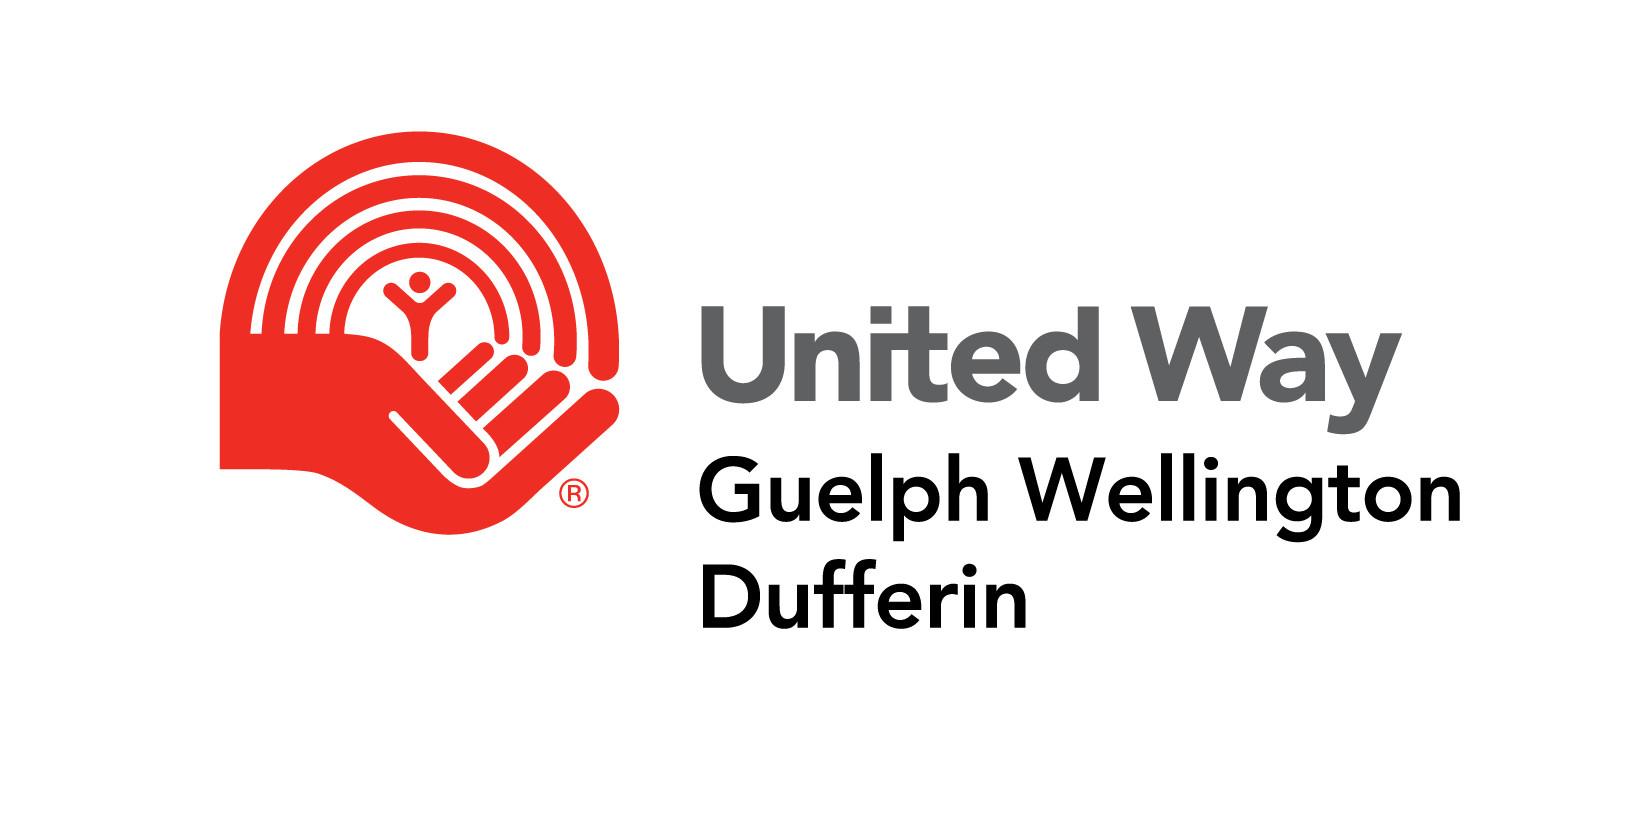 United Way - Guelph Wellington Dufferin